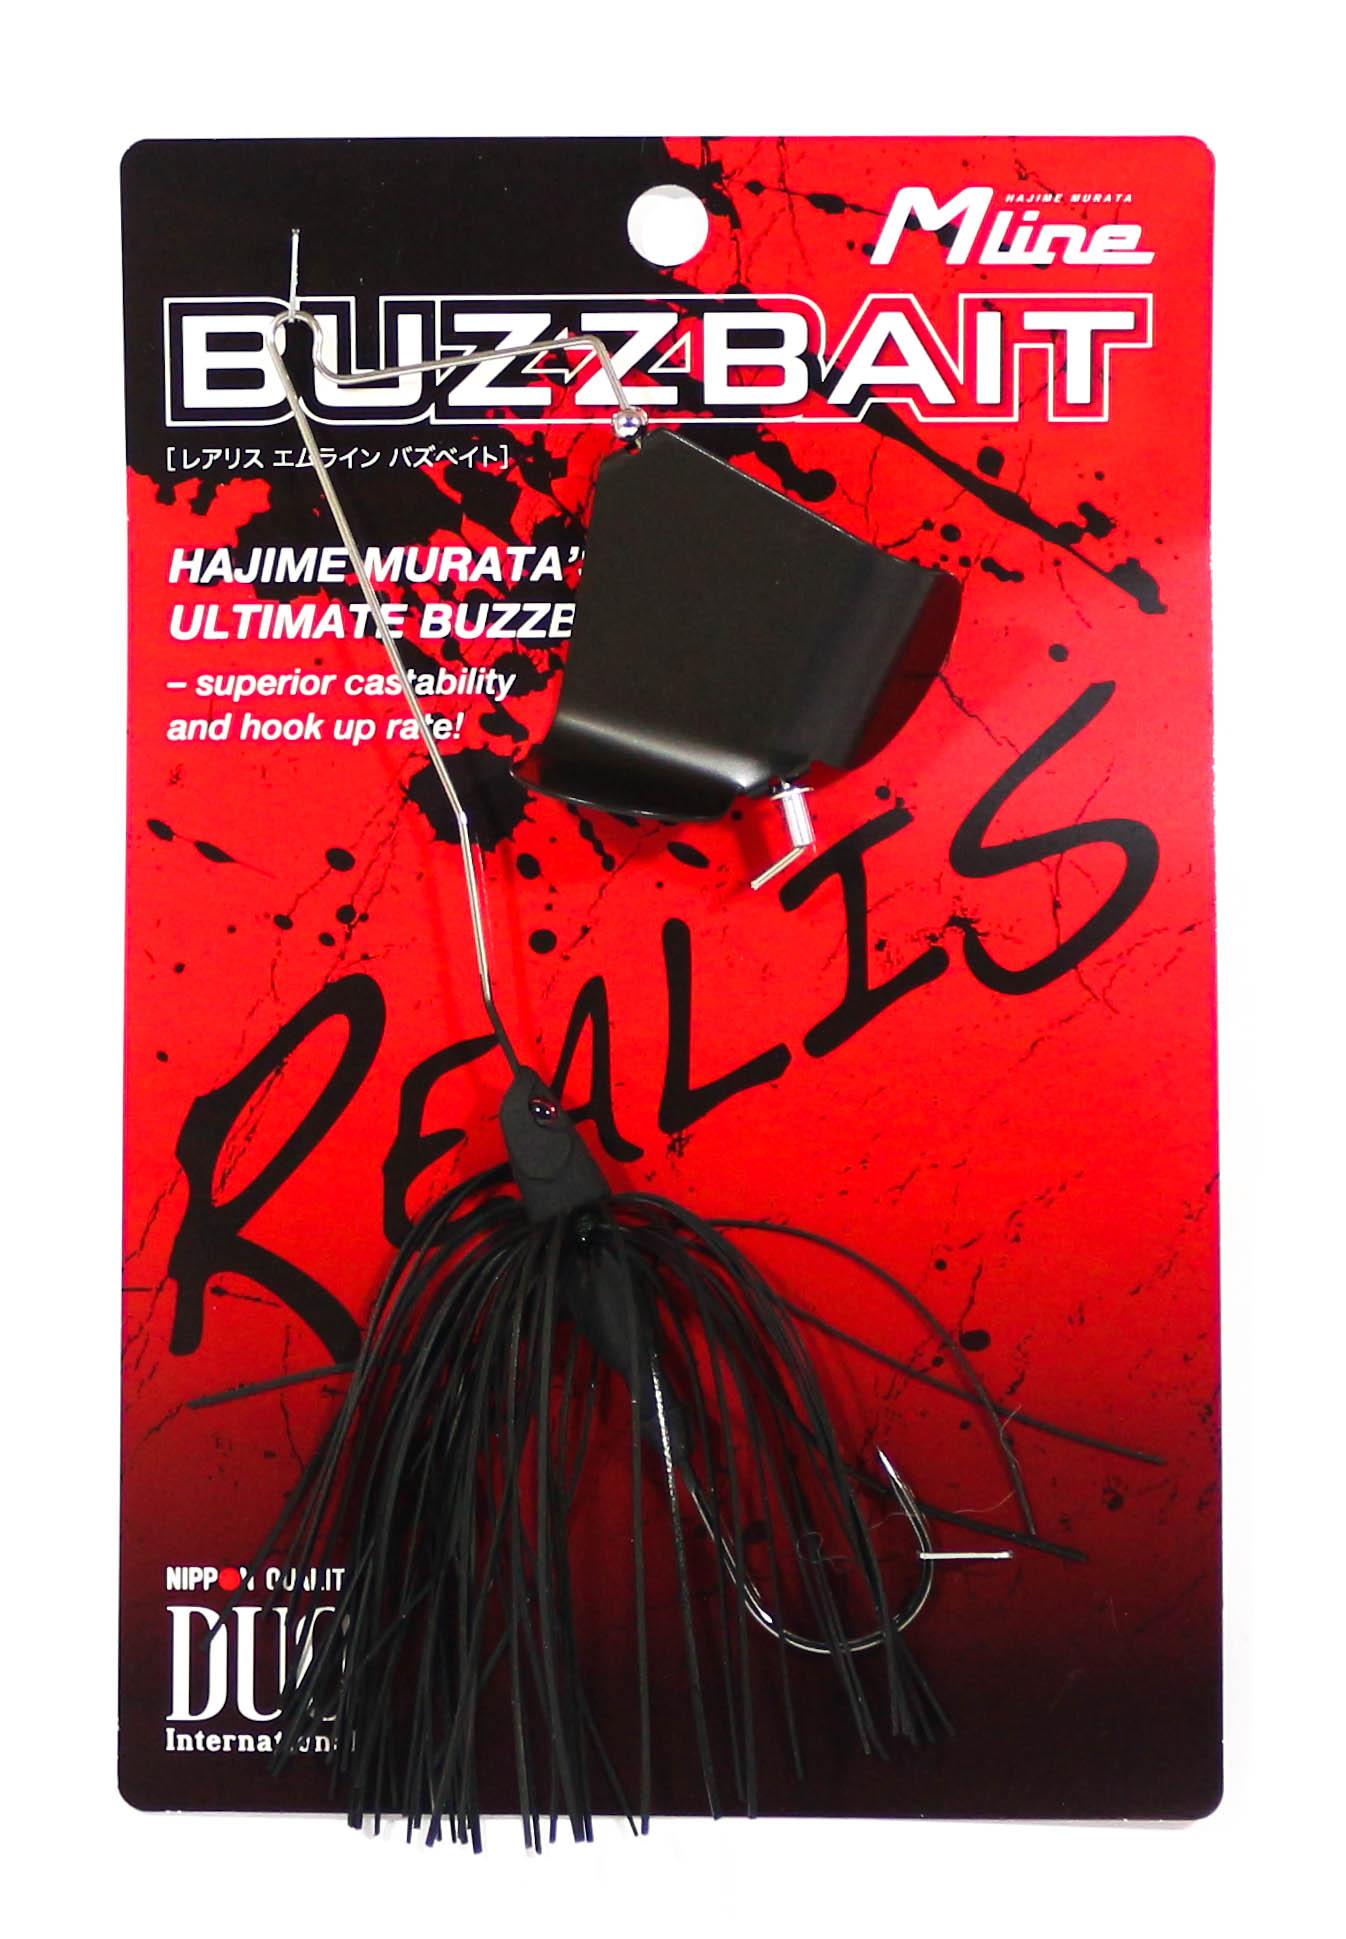 Duo Realis Buzzbait 1/2 oz Lure J020 (6768)